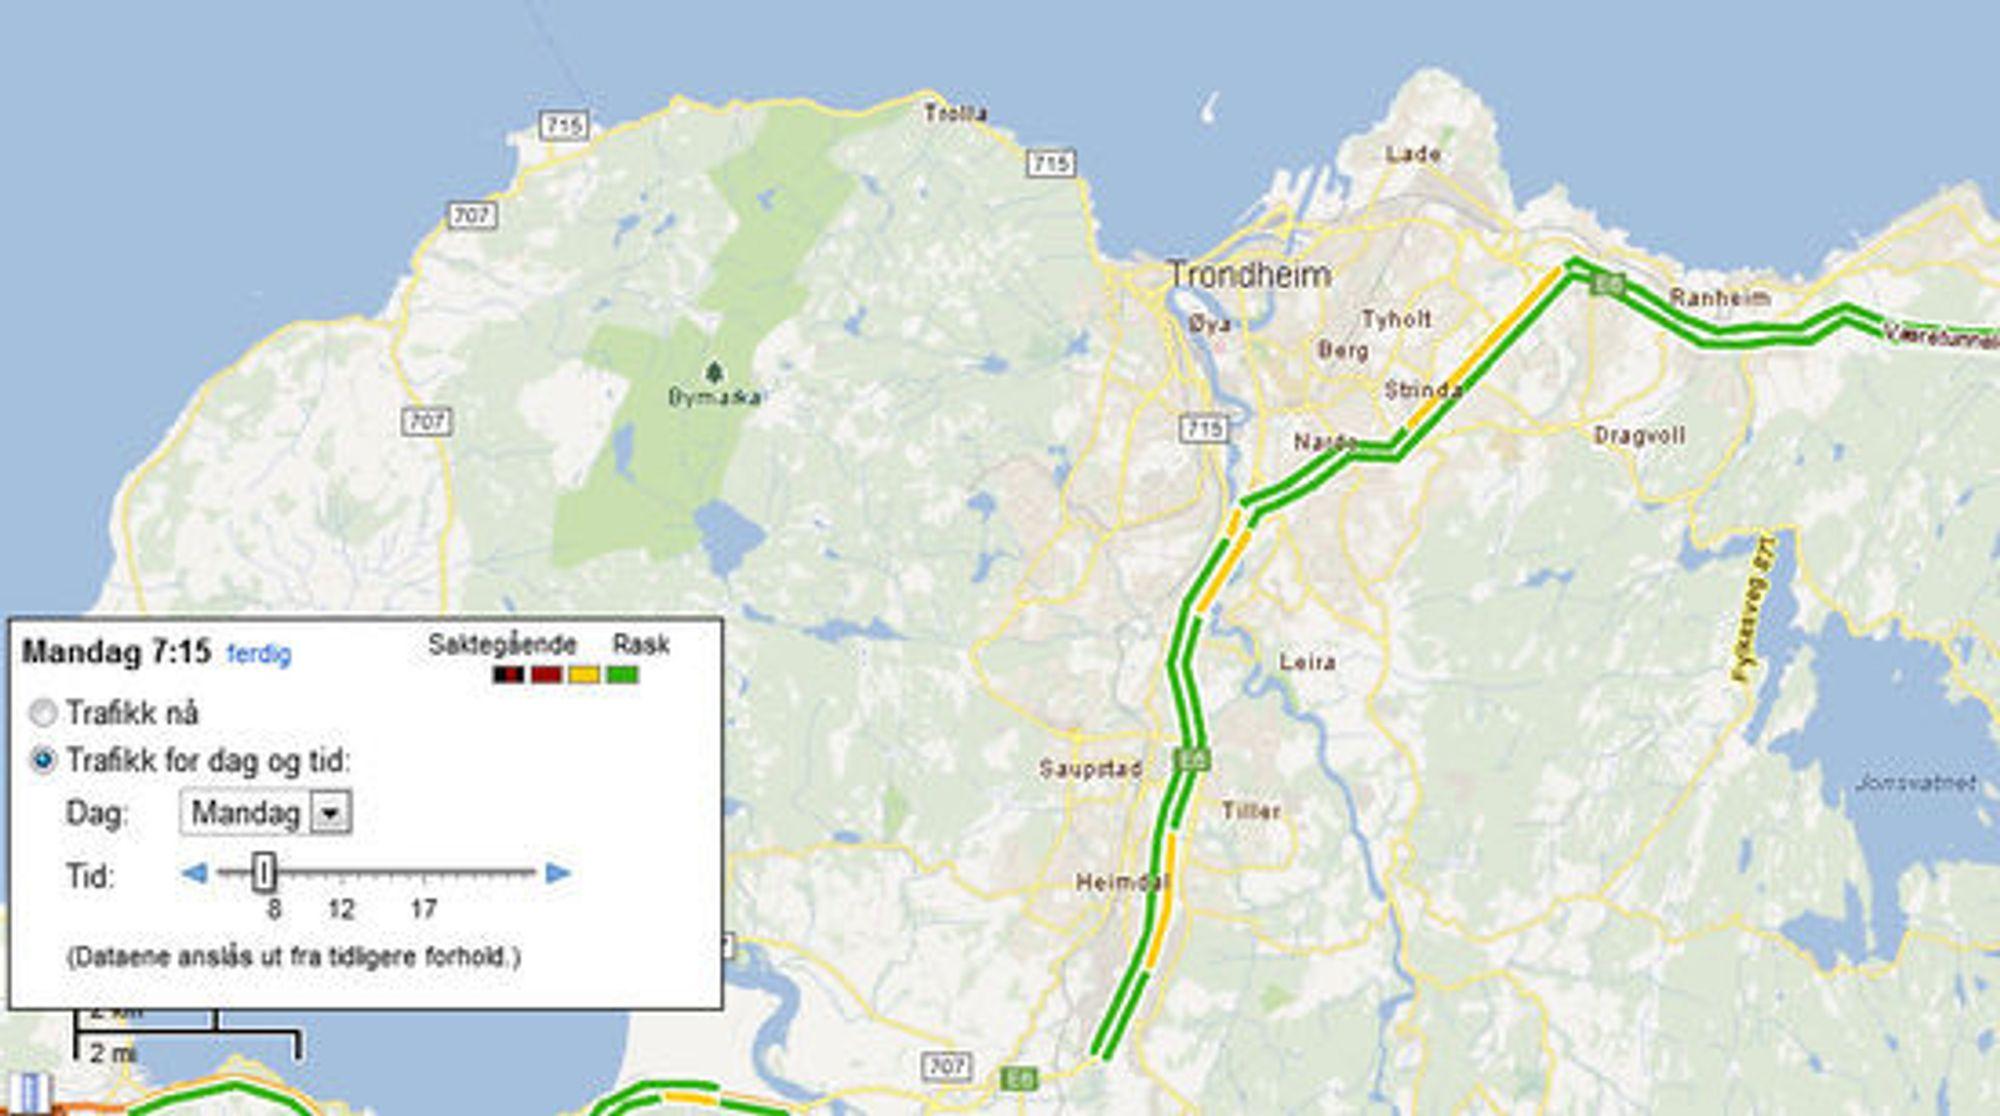 Normale trafikkforhold i Trondheim klokken 7.15 mandag morgen ifølge Google Maps. Visse strekninger er preget av litt mer saktegående trafikk enn det som er vanlig på andre tider av døgnet.